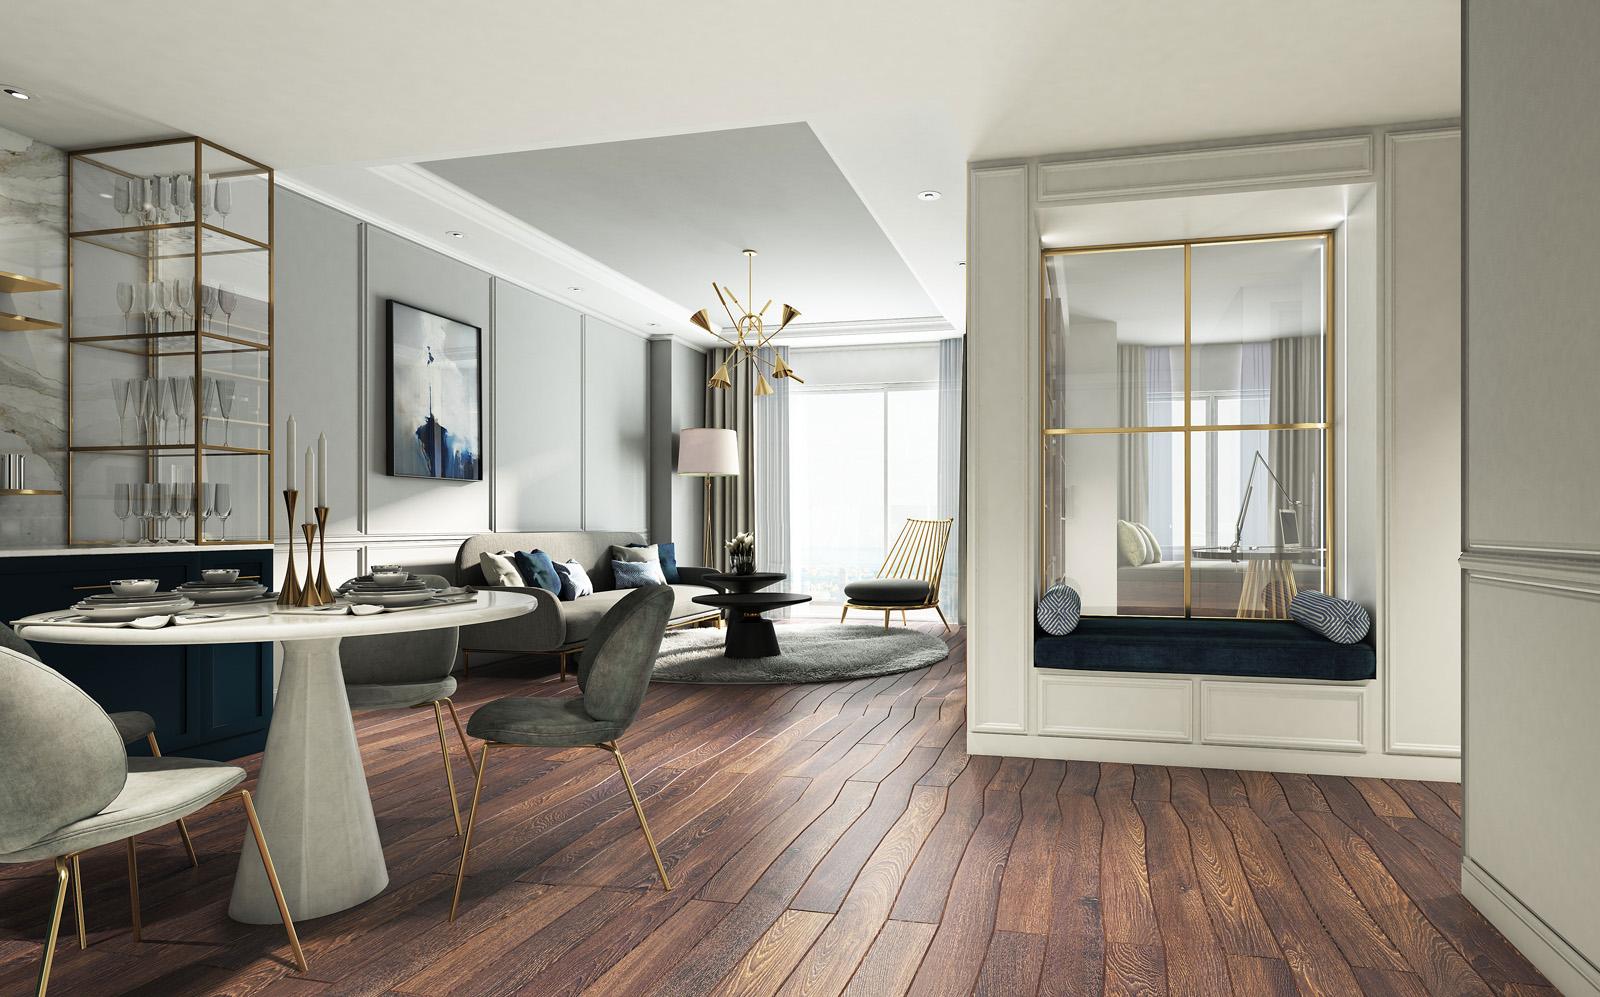 Bảng giá cho thuê căn hộ chung cư Madison